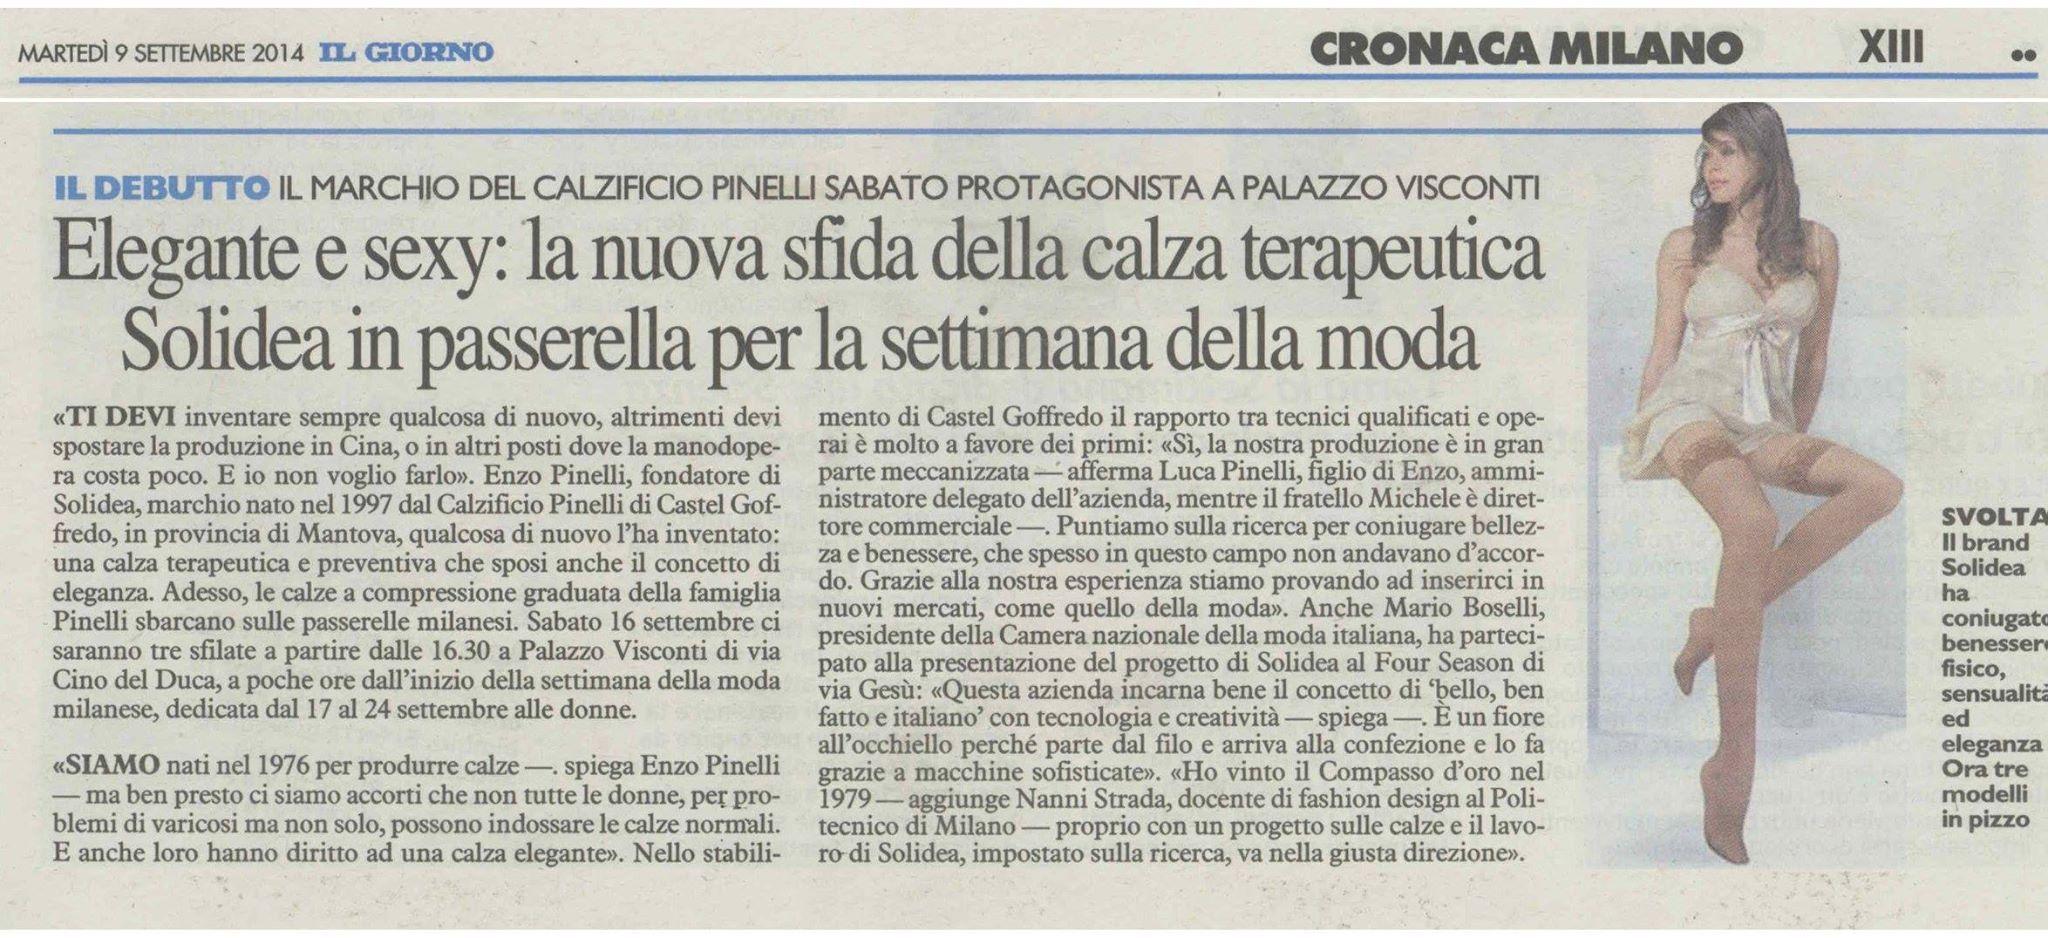 Il Giorno, 9 Settembre 2014. #press #rassegnastampa